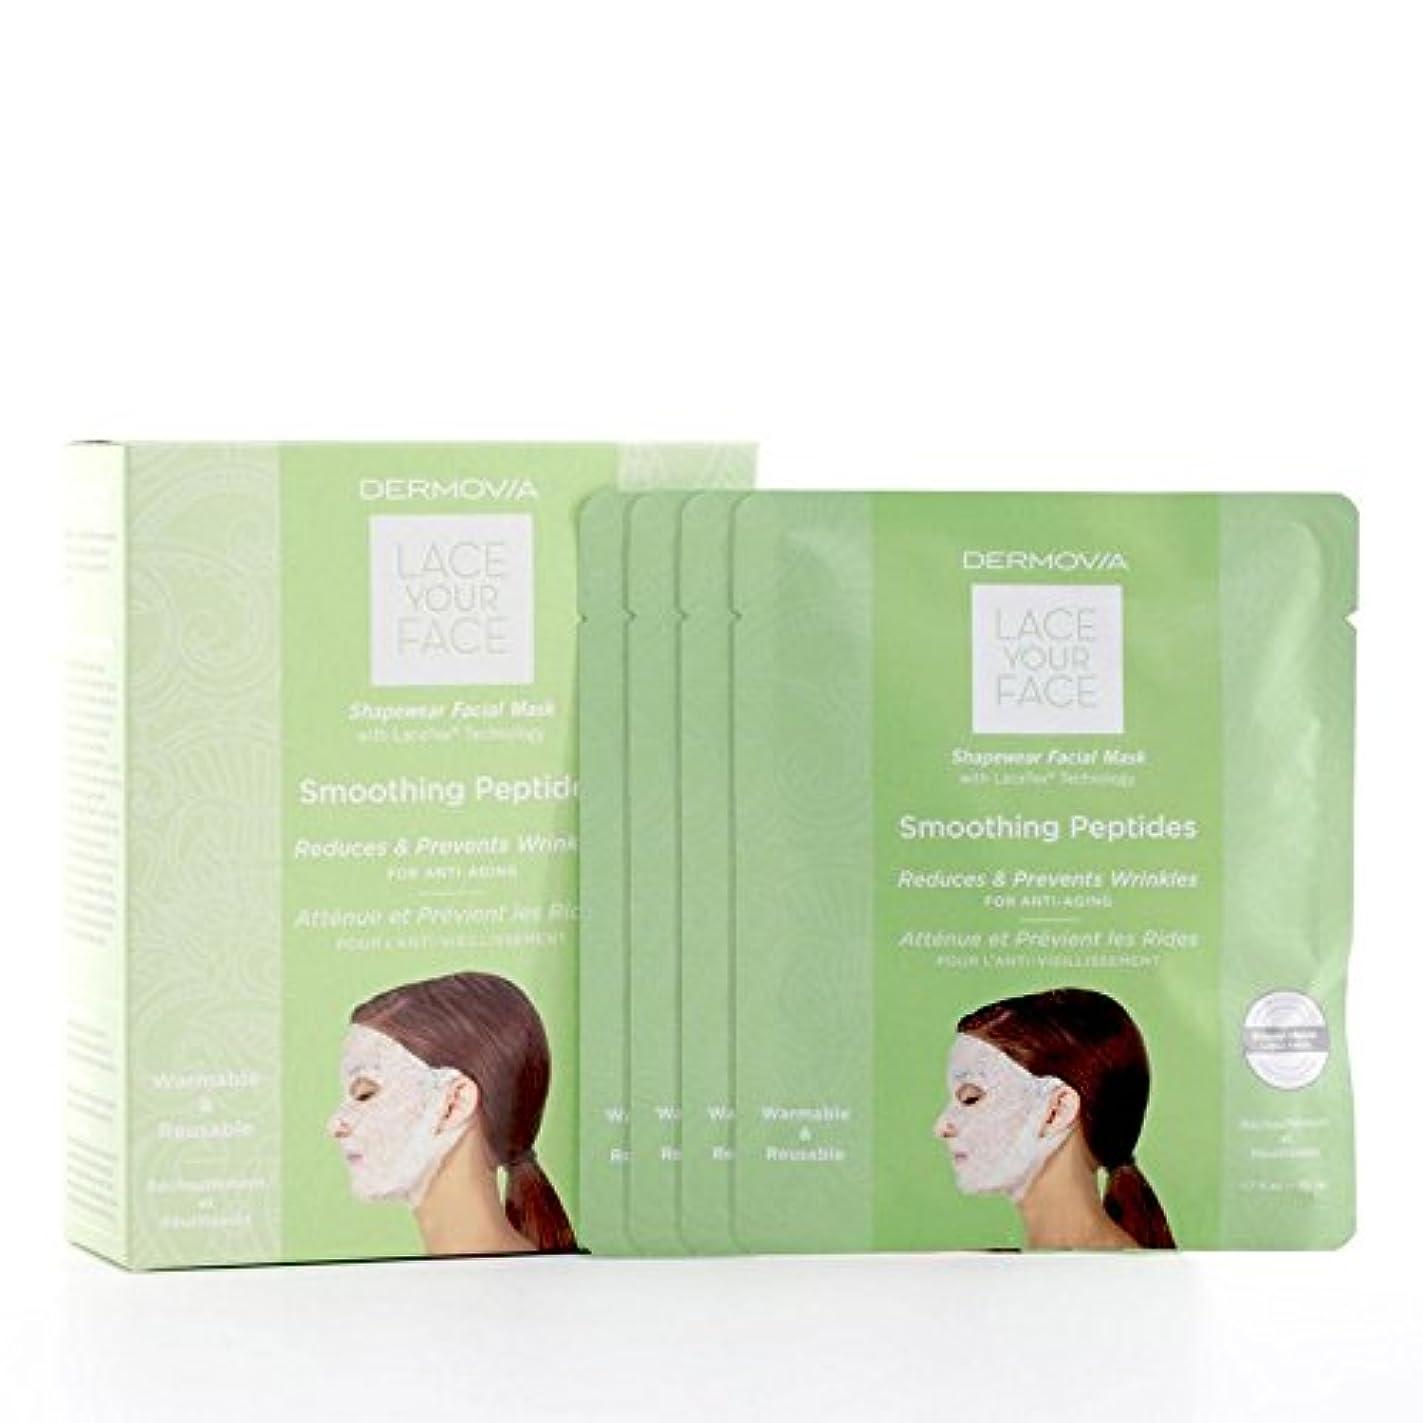 ダッシュ専門知識アパルは、あなたの顔の圧縮フェイシャルマスク平滑化ペプチドをひもで締めます x2 - Dermovia Lace Your Face Compression Facial Mask Smoothing Peptides (Pack...